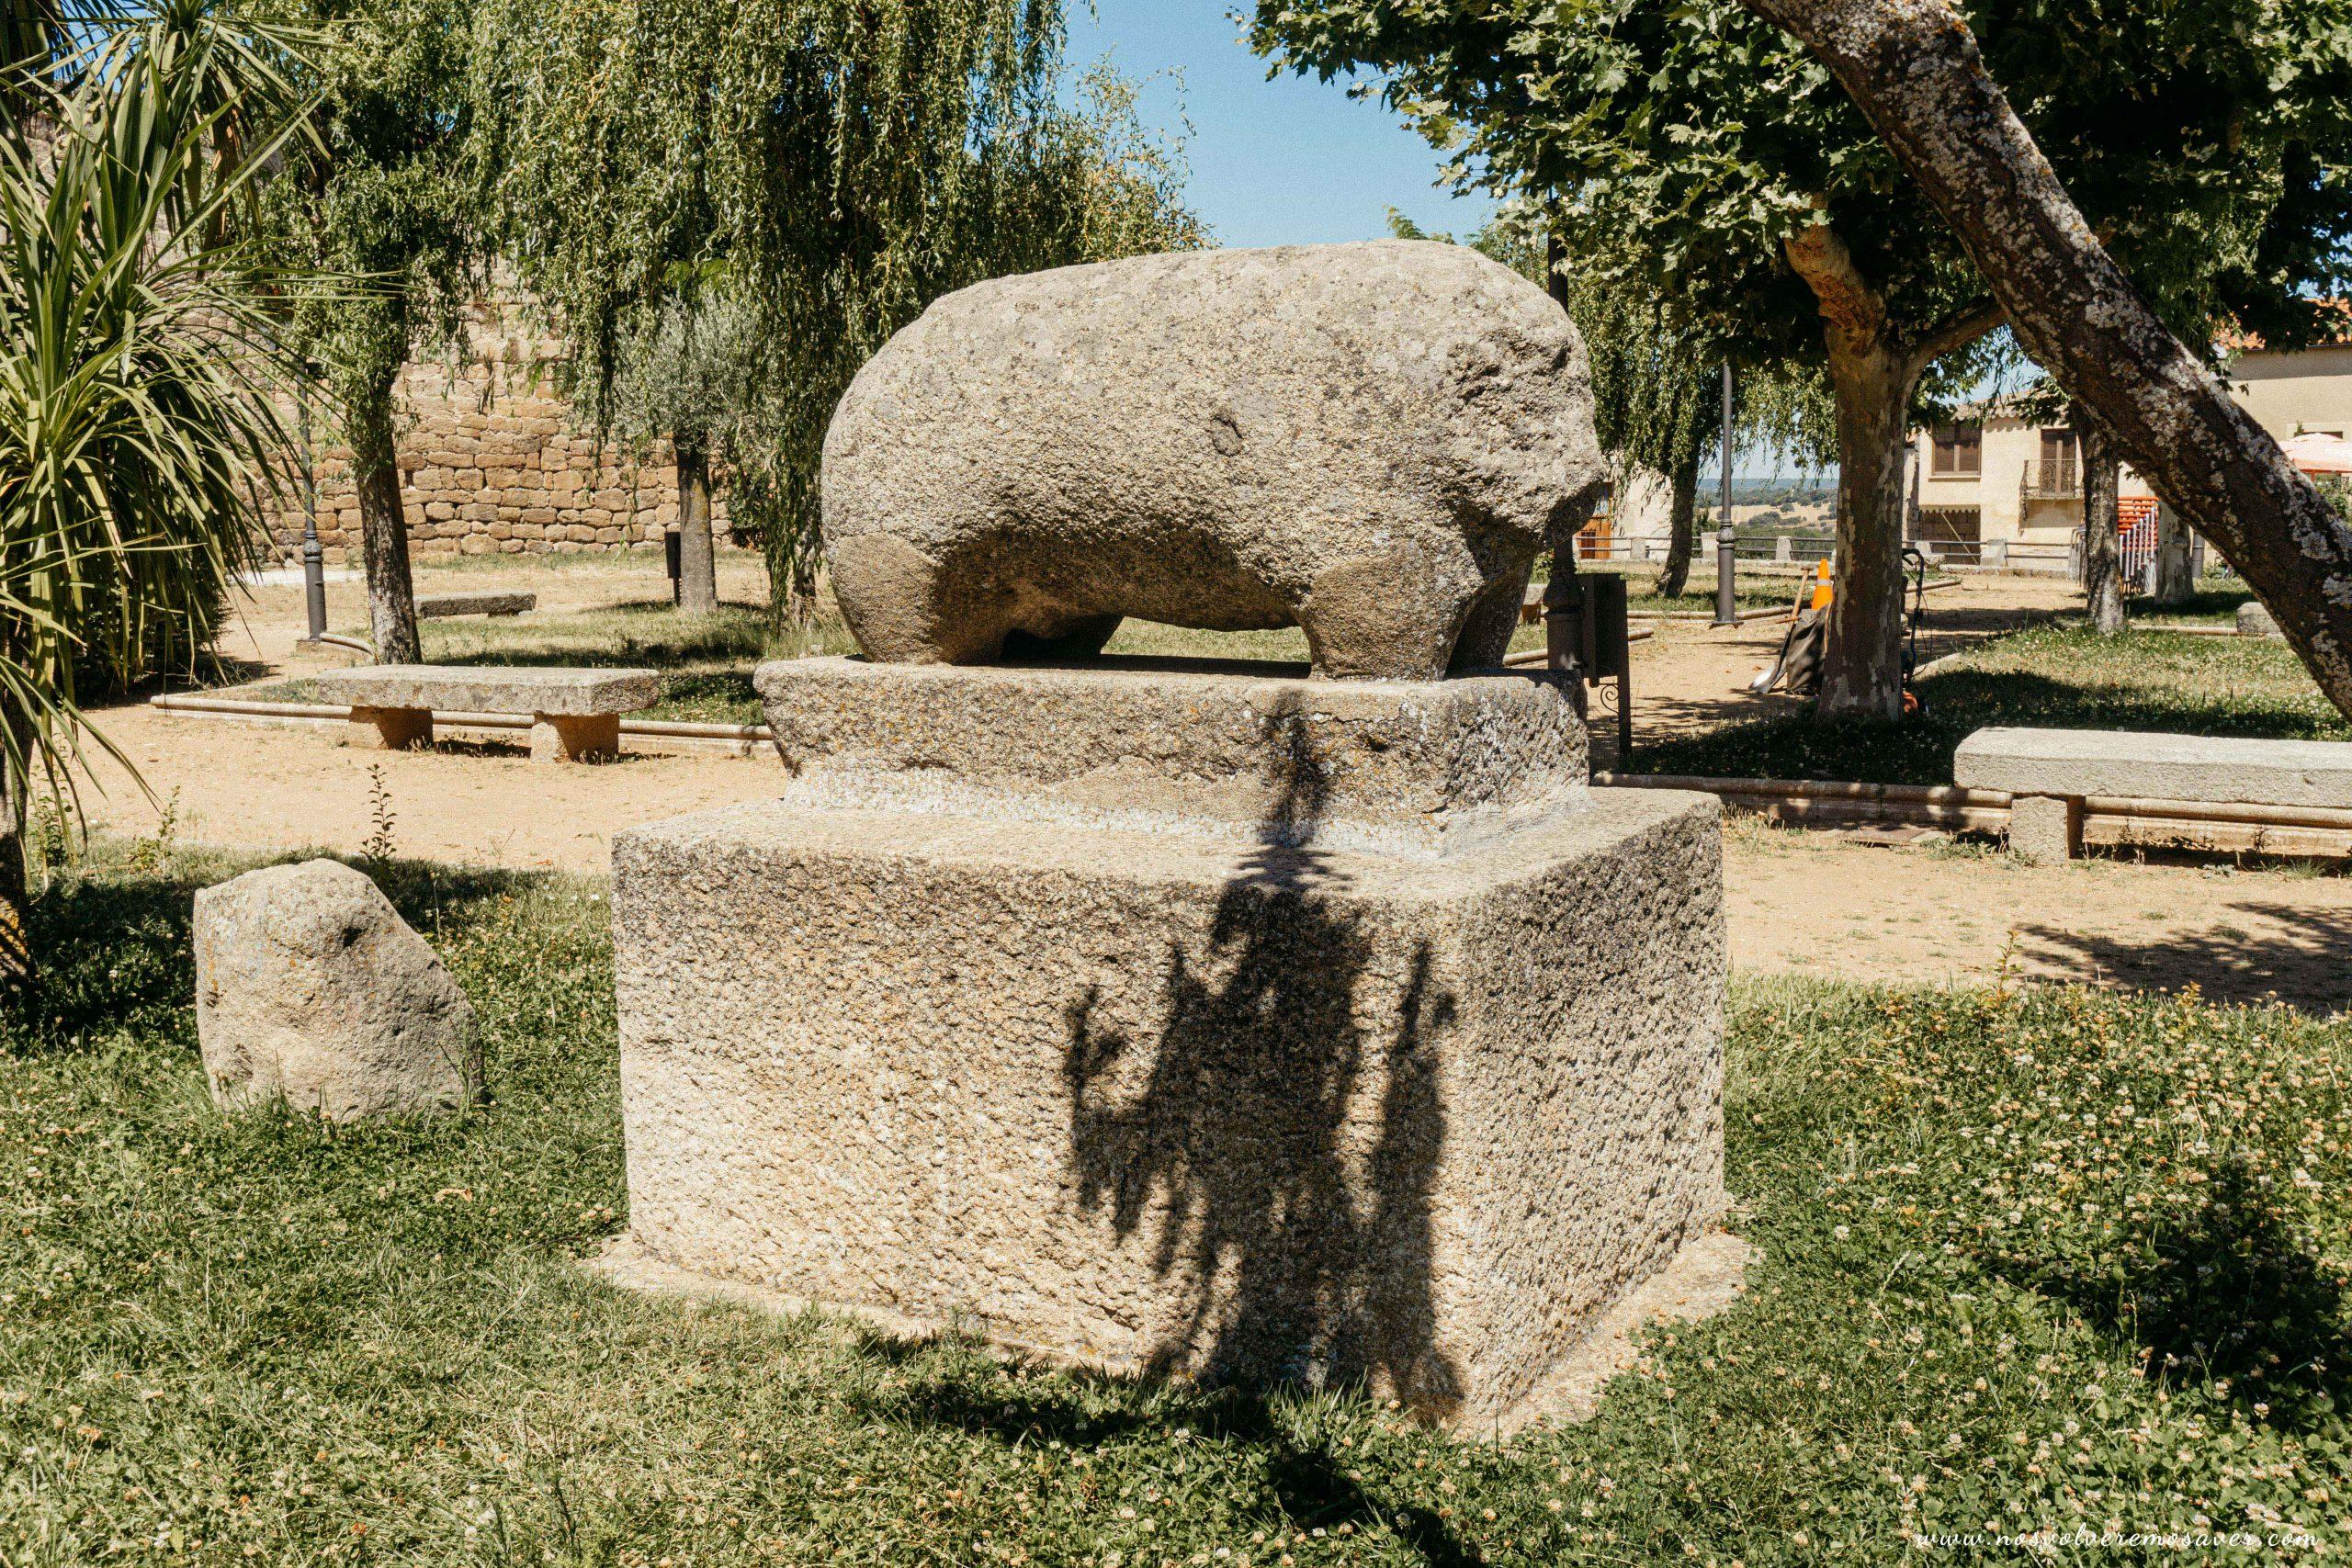 Verraco de piedra